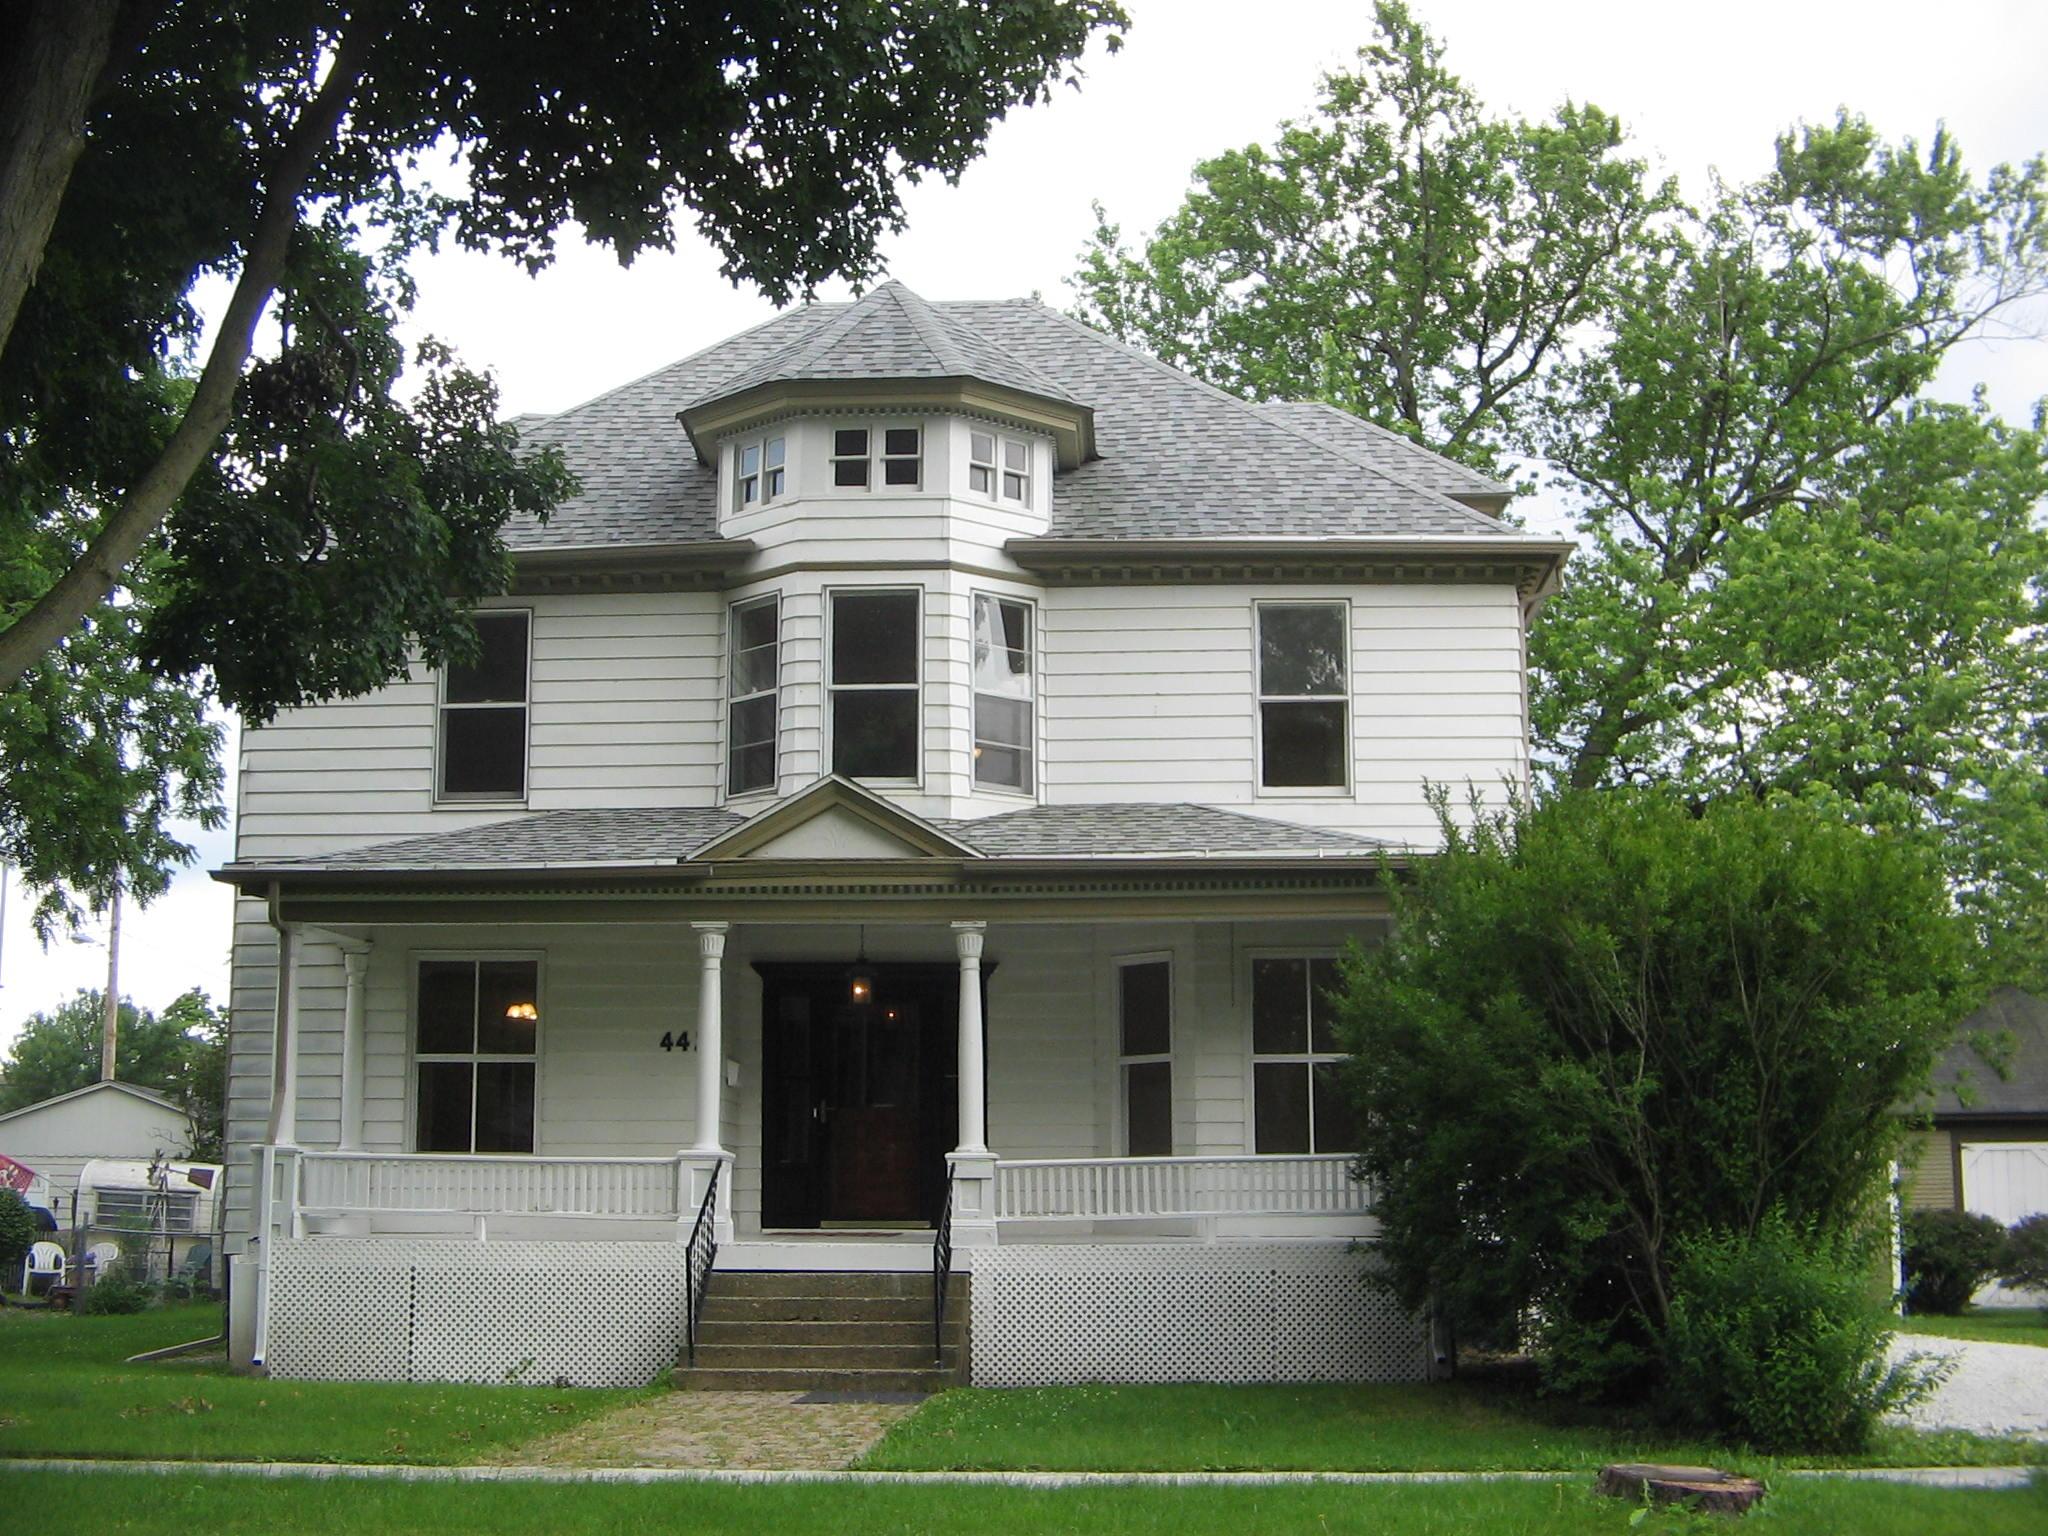 442 W Center, Paxton, Illinois 60957